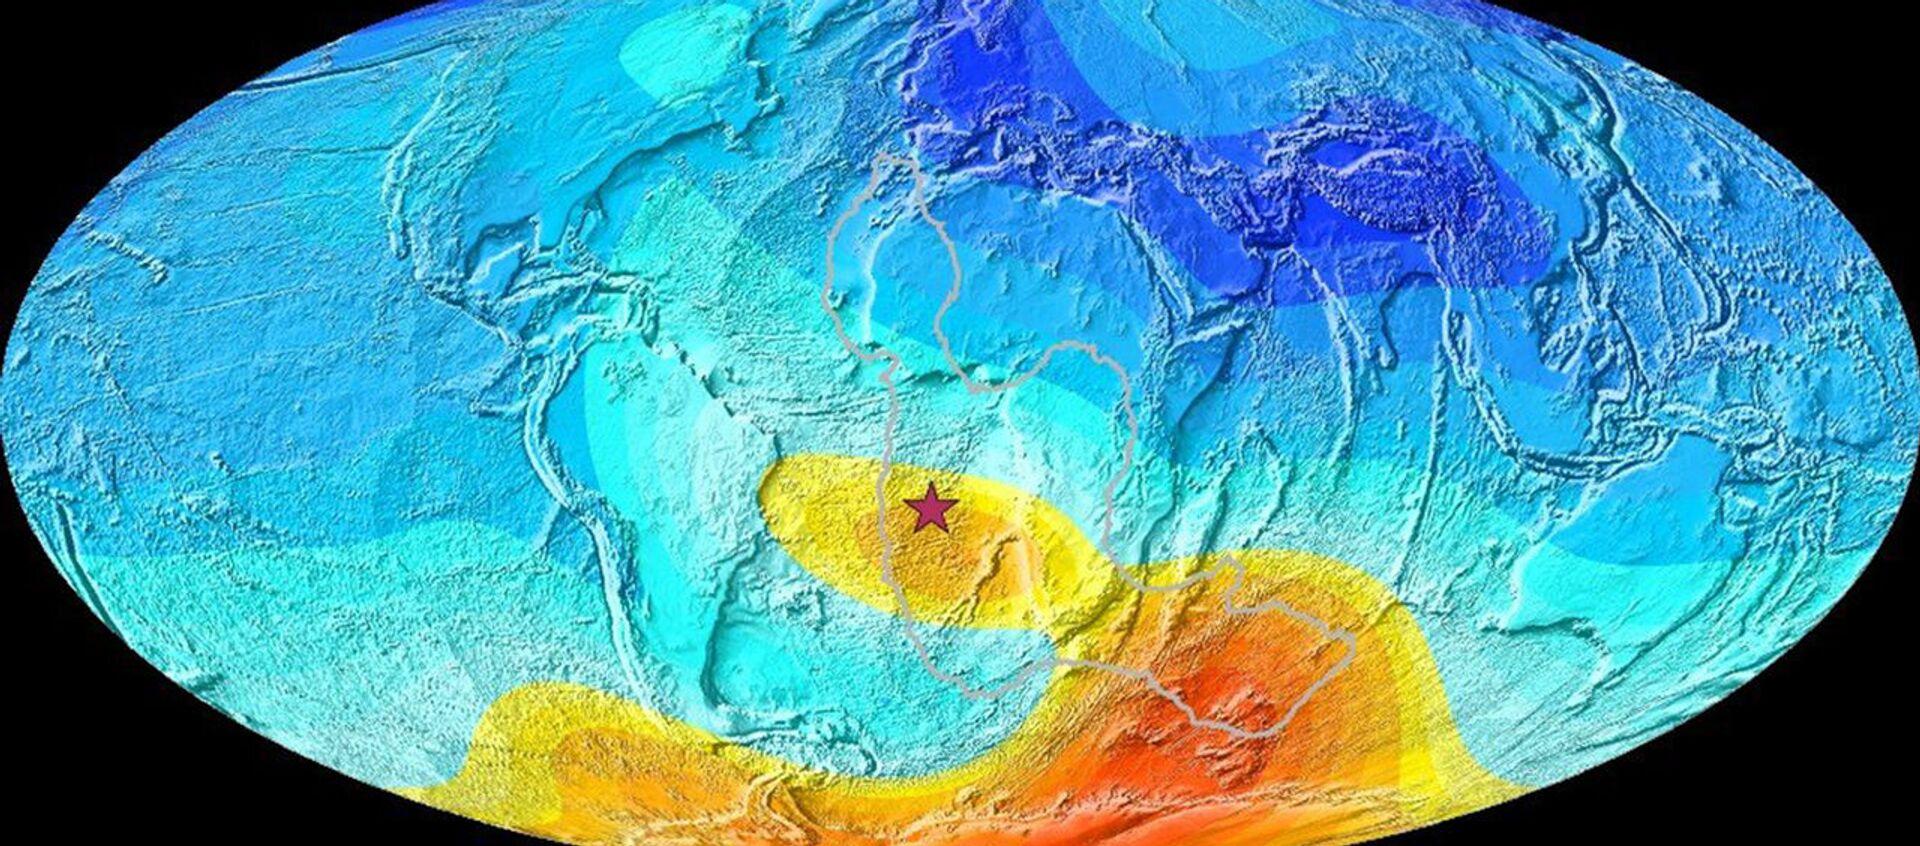 Una mappa della Terra che mostra la deviazione attuale dalla direzione prevista del polo magnetico - Sputnik Italia, 1920, 14.03.2021